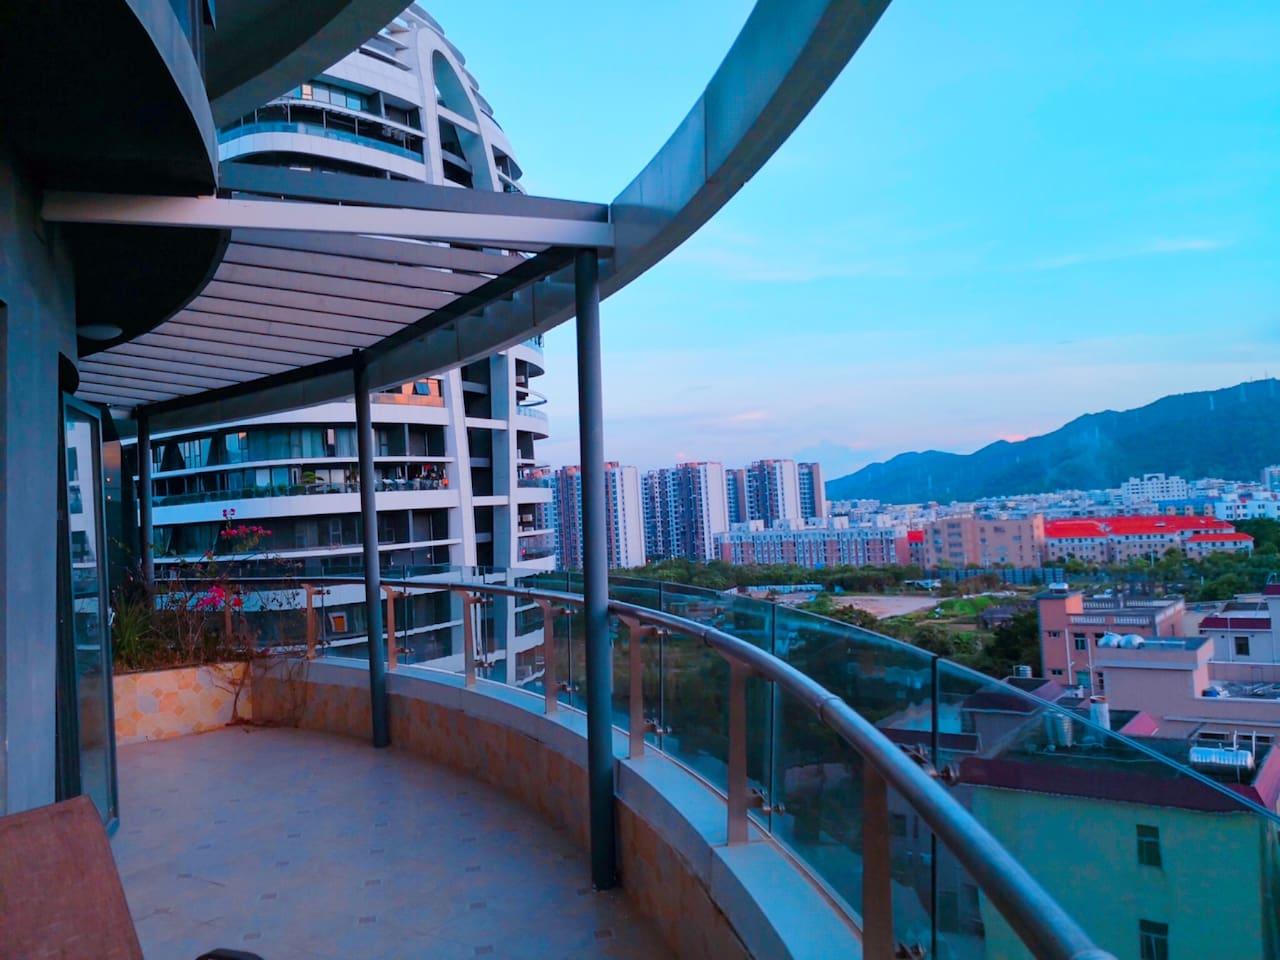 阳台左侧 Balcony Left-side View